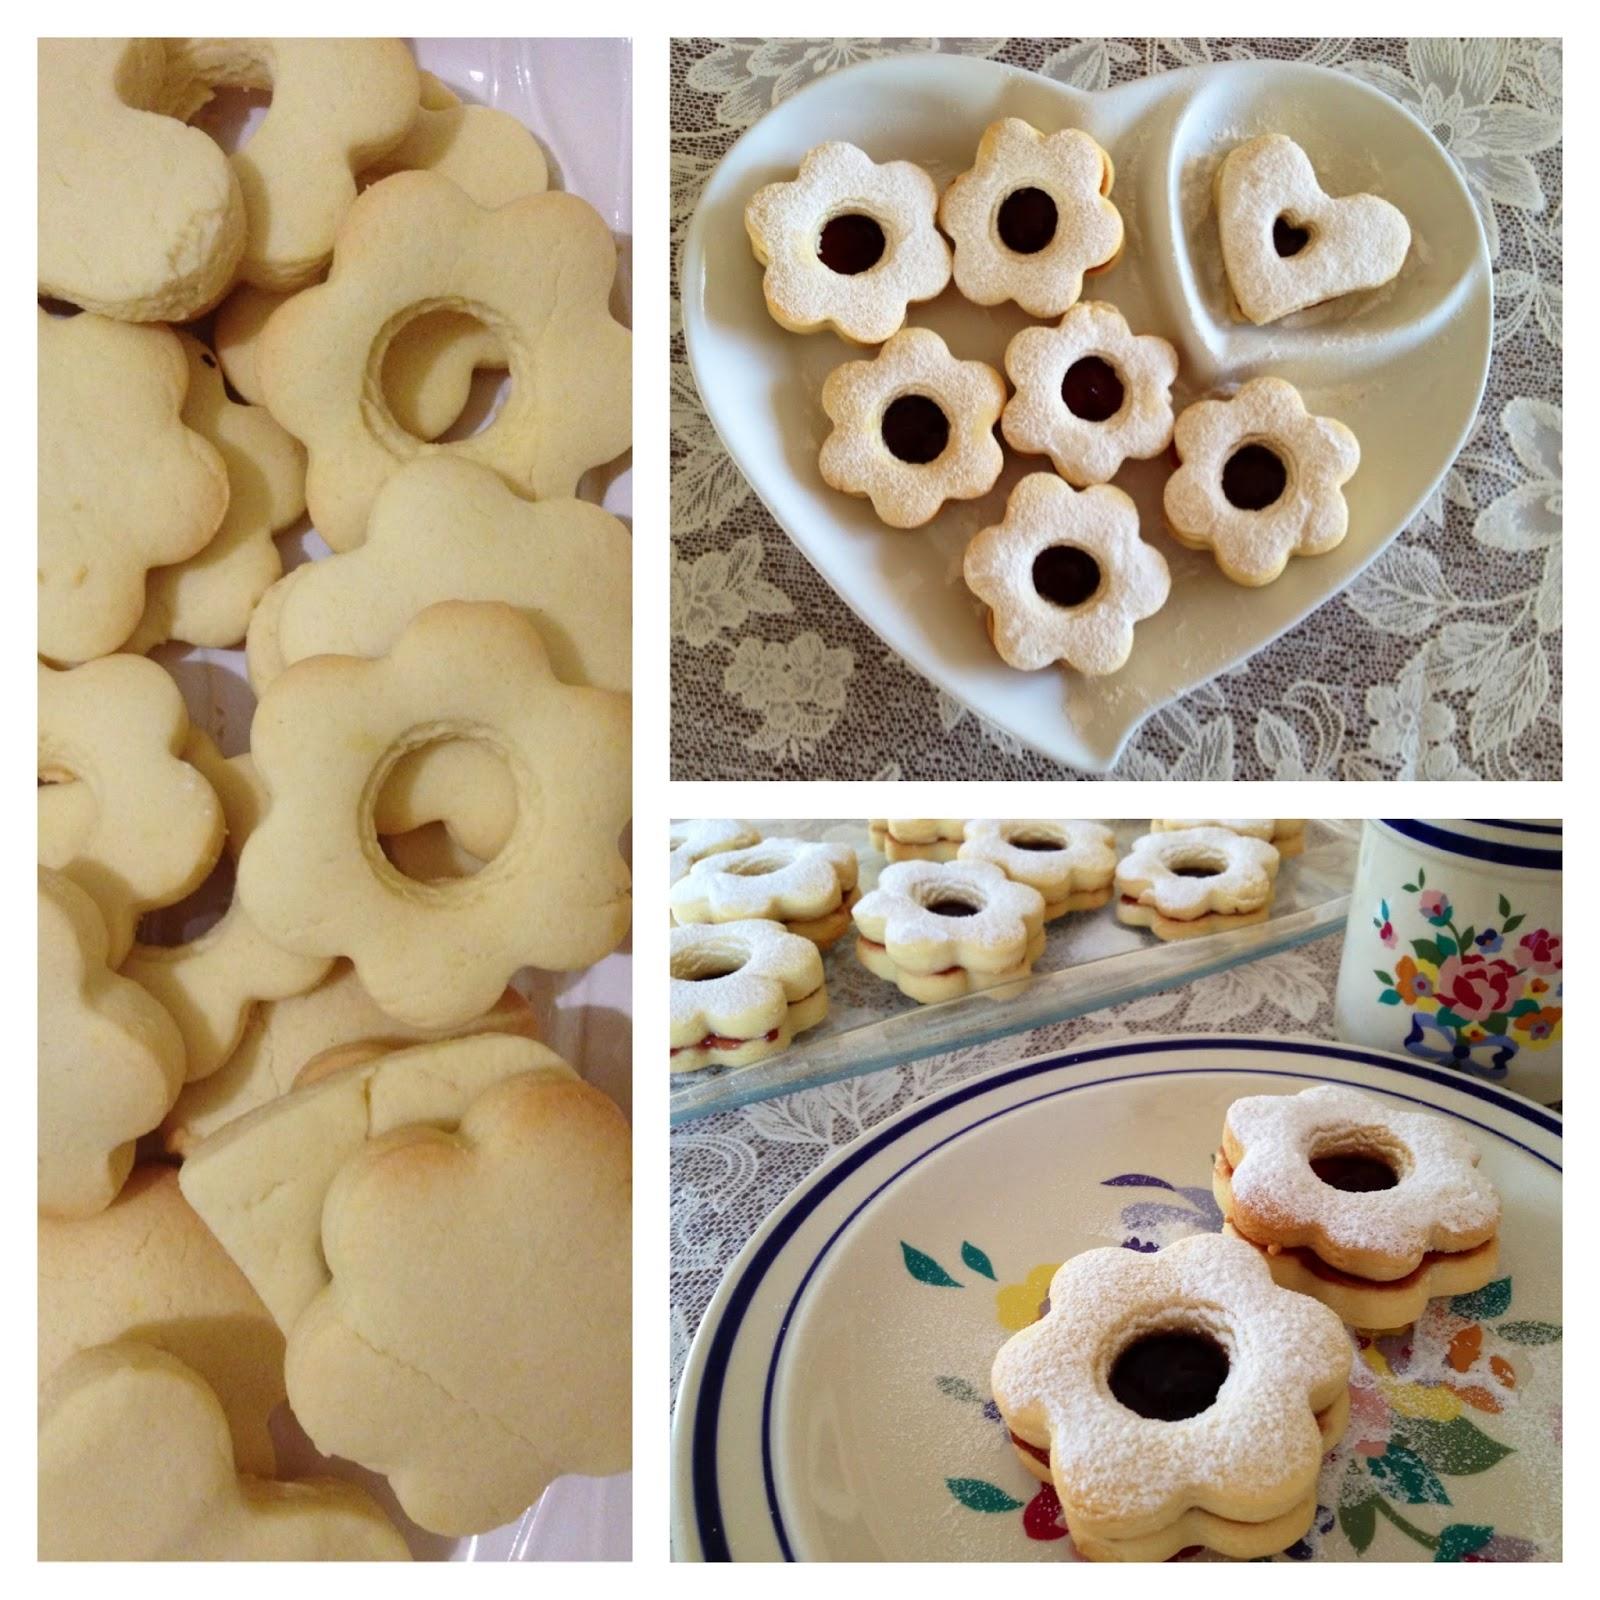 Kalpli kurabiye şekilleri ile Etiketlenen Konular 48